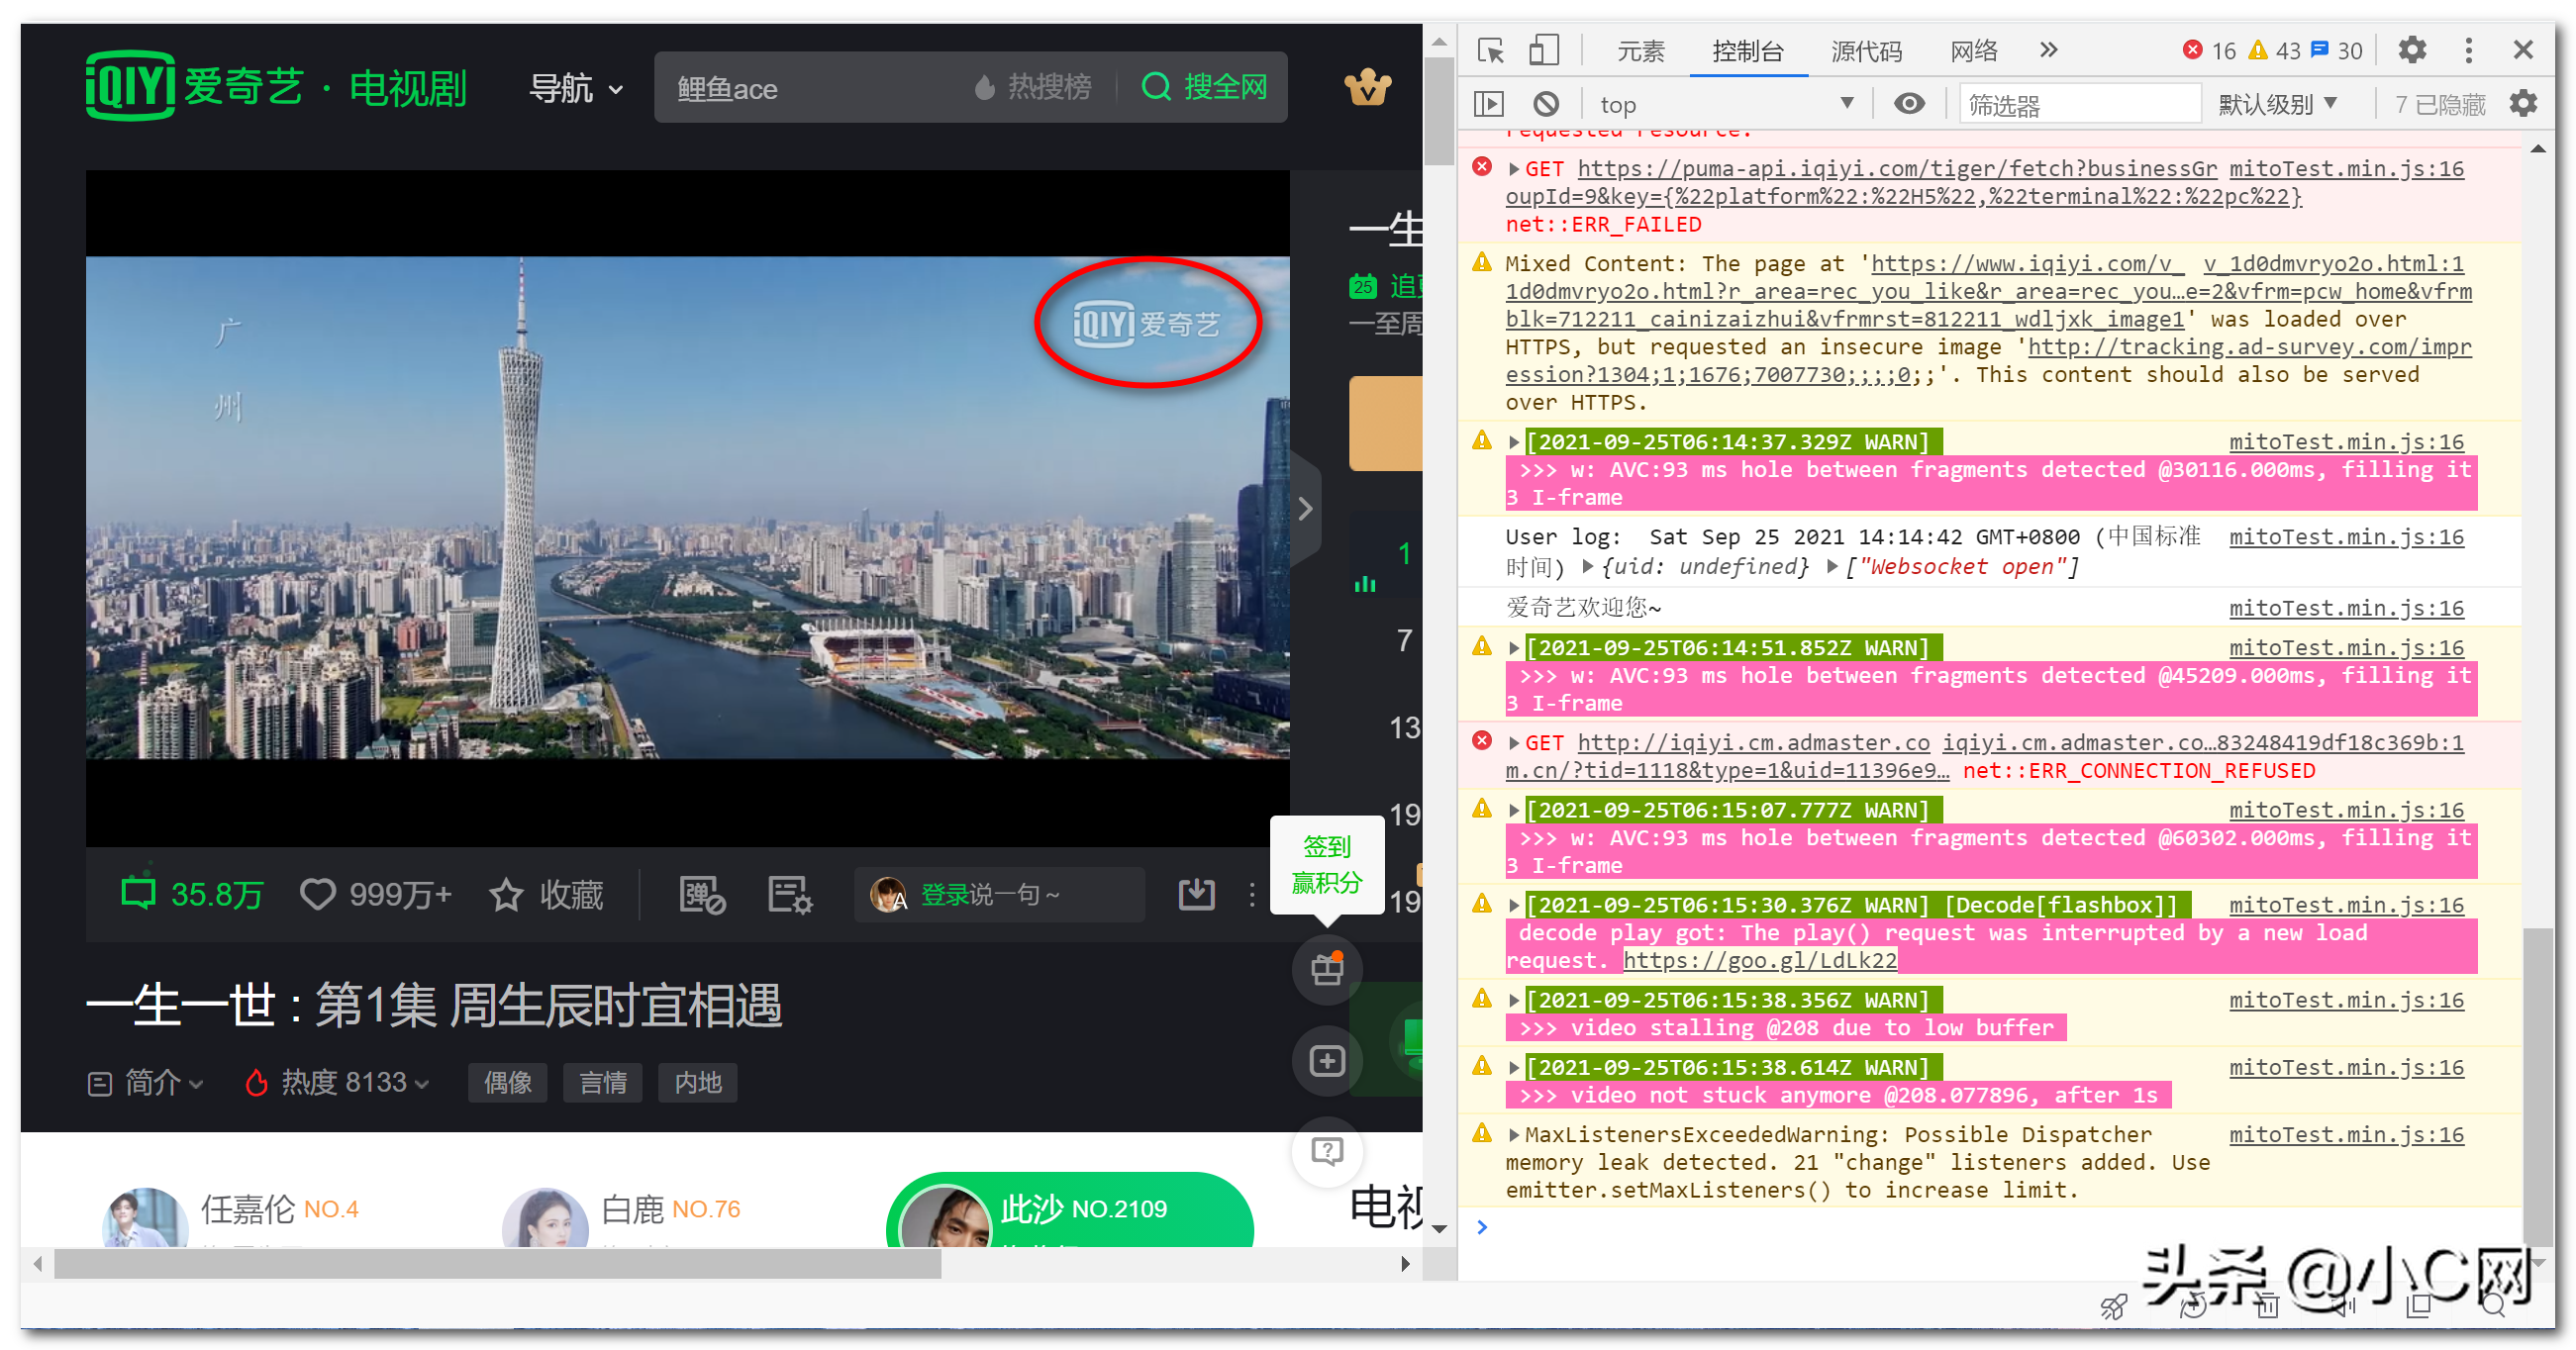 图片[1] - 浏览器在线秒去除腾讯爱奇艺优酷视频LOGO - 小 C 网